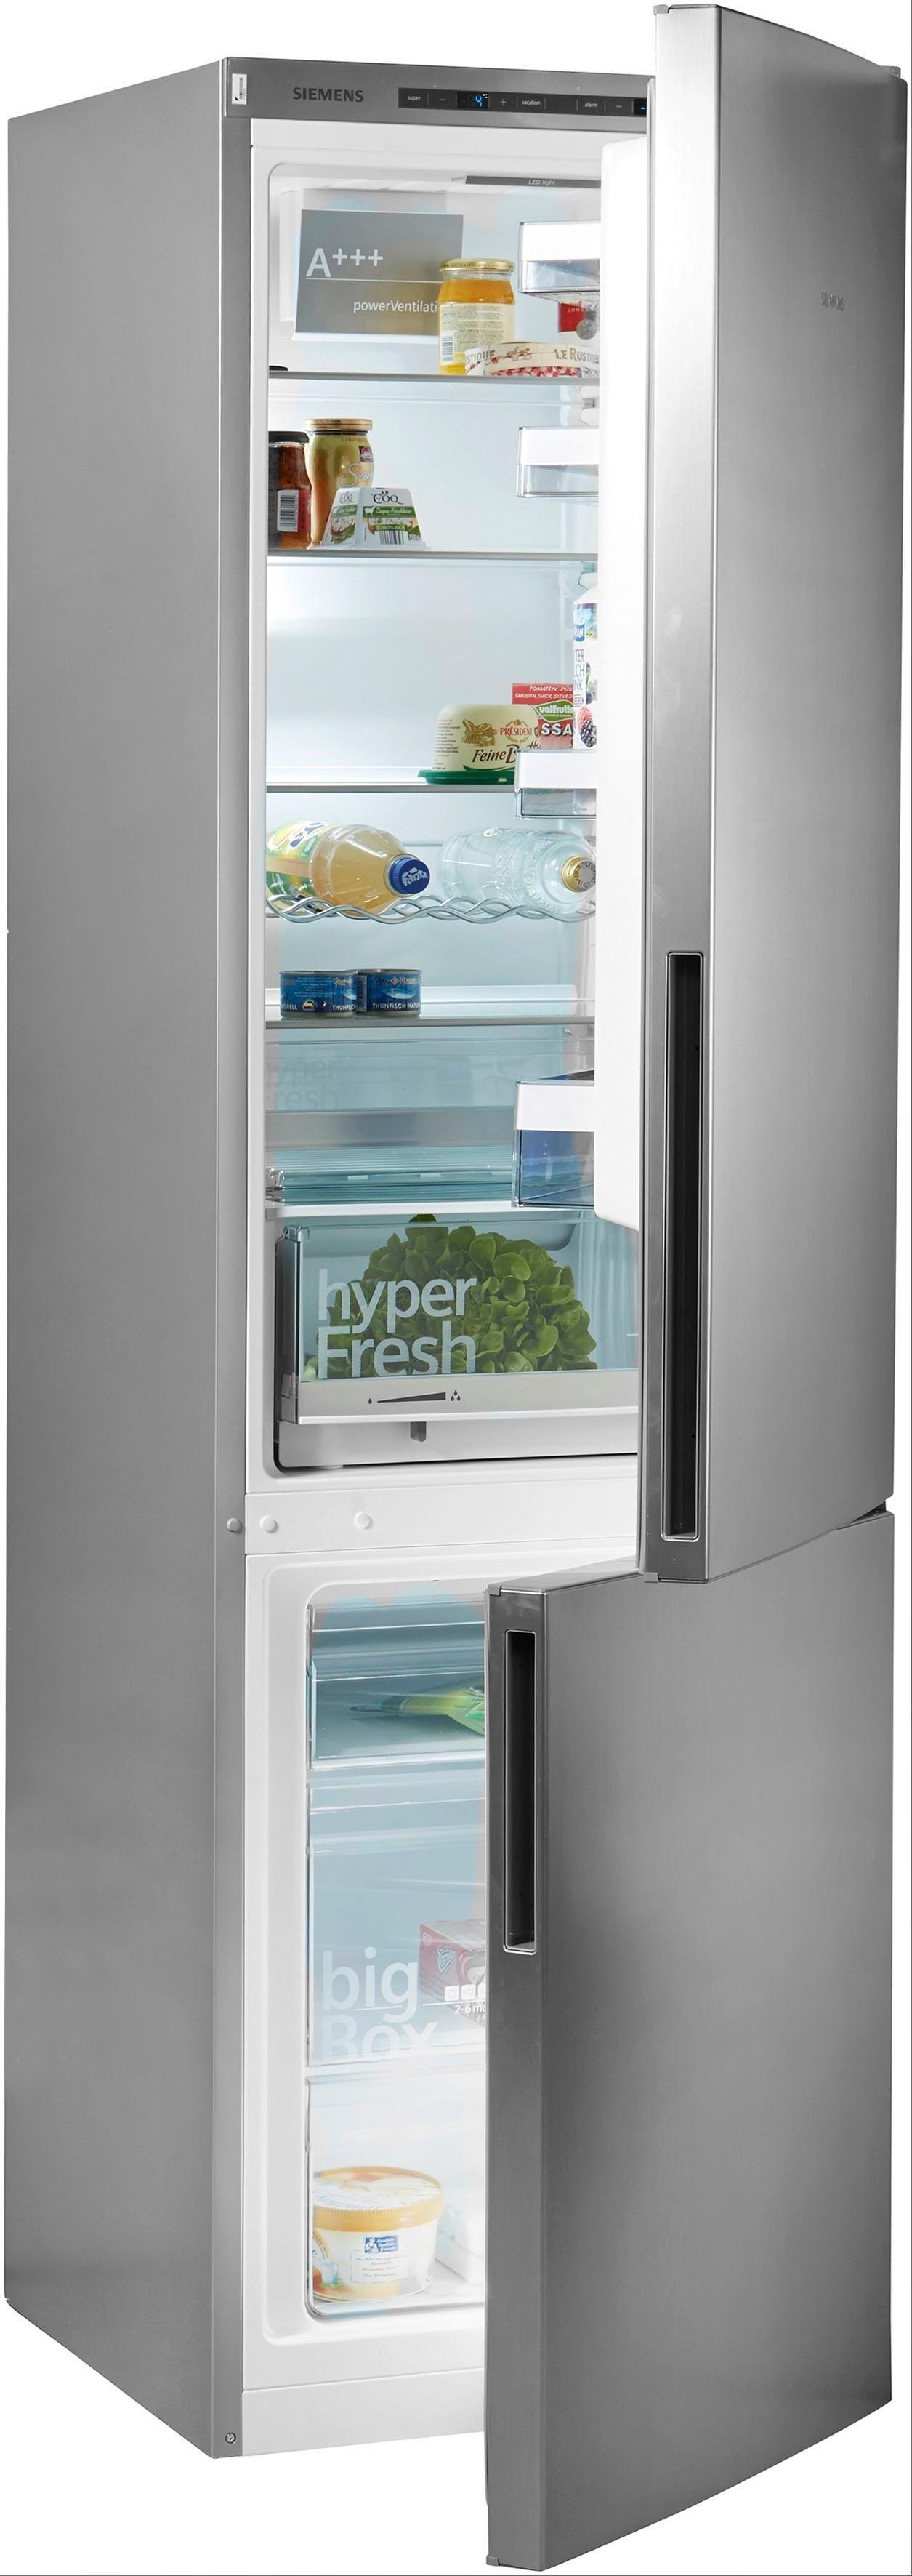 Siemens koel-vriescombinatie iQ300, 201 cm hoog, 60 cm breed online kopen op otto.nl